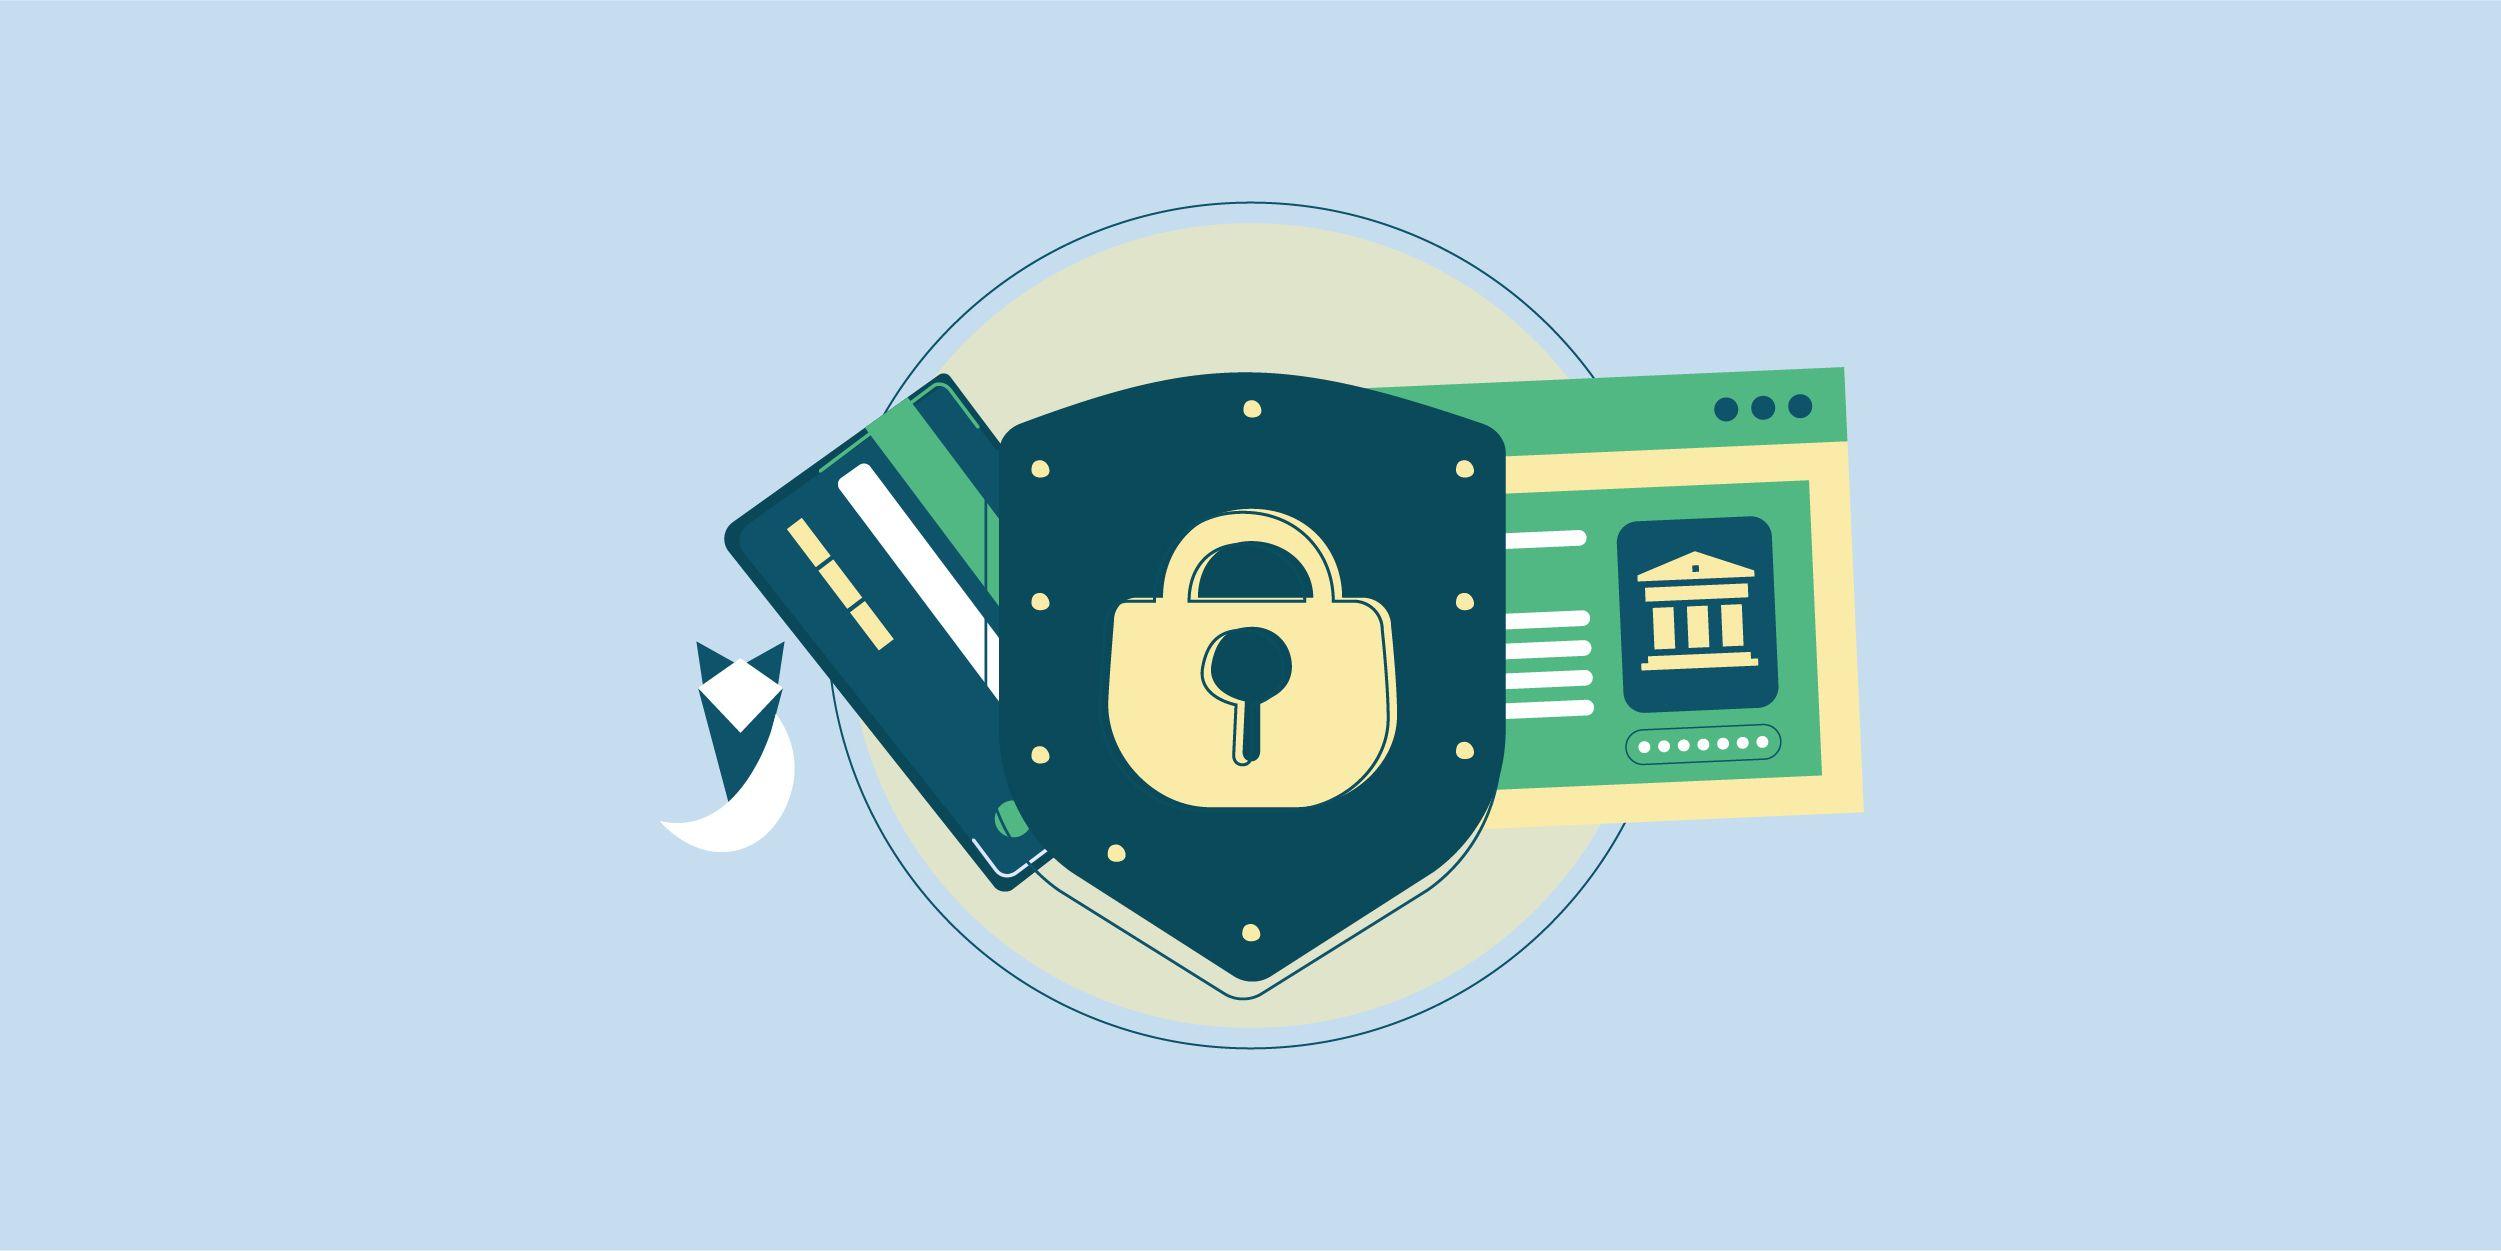 8 نصائح لحماية حساباتك البنكية من التعرض للسرقة والاحتيال